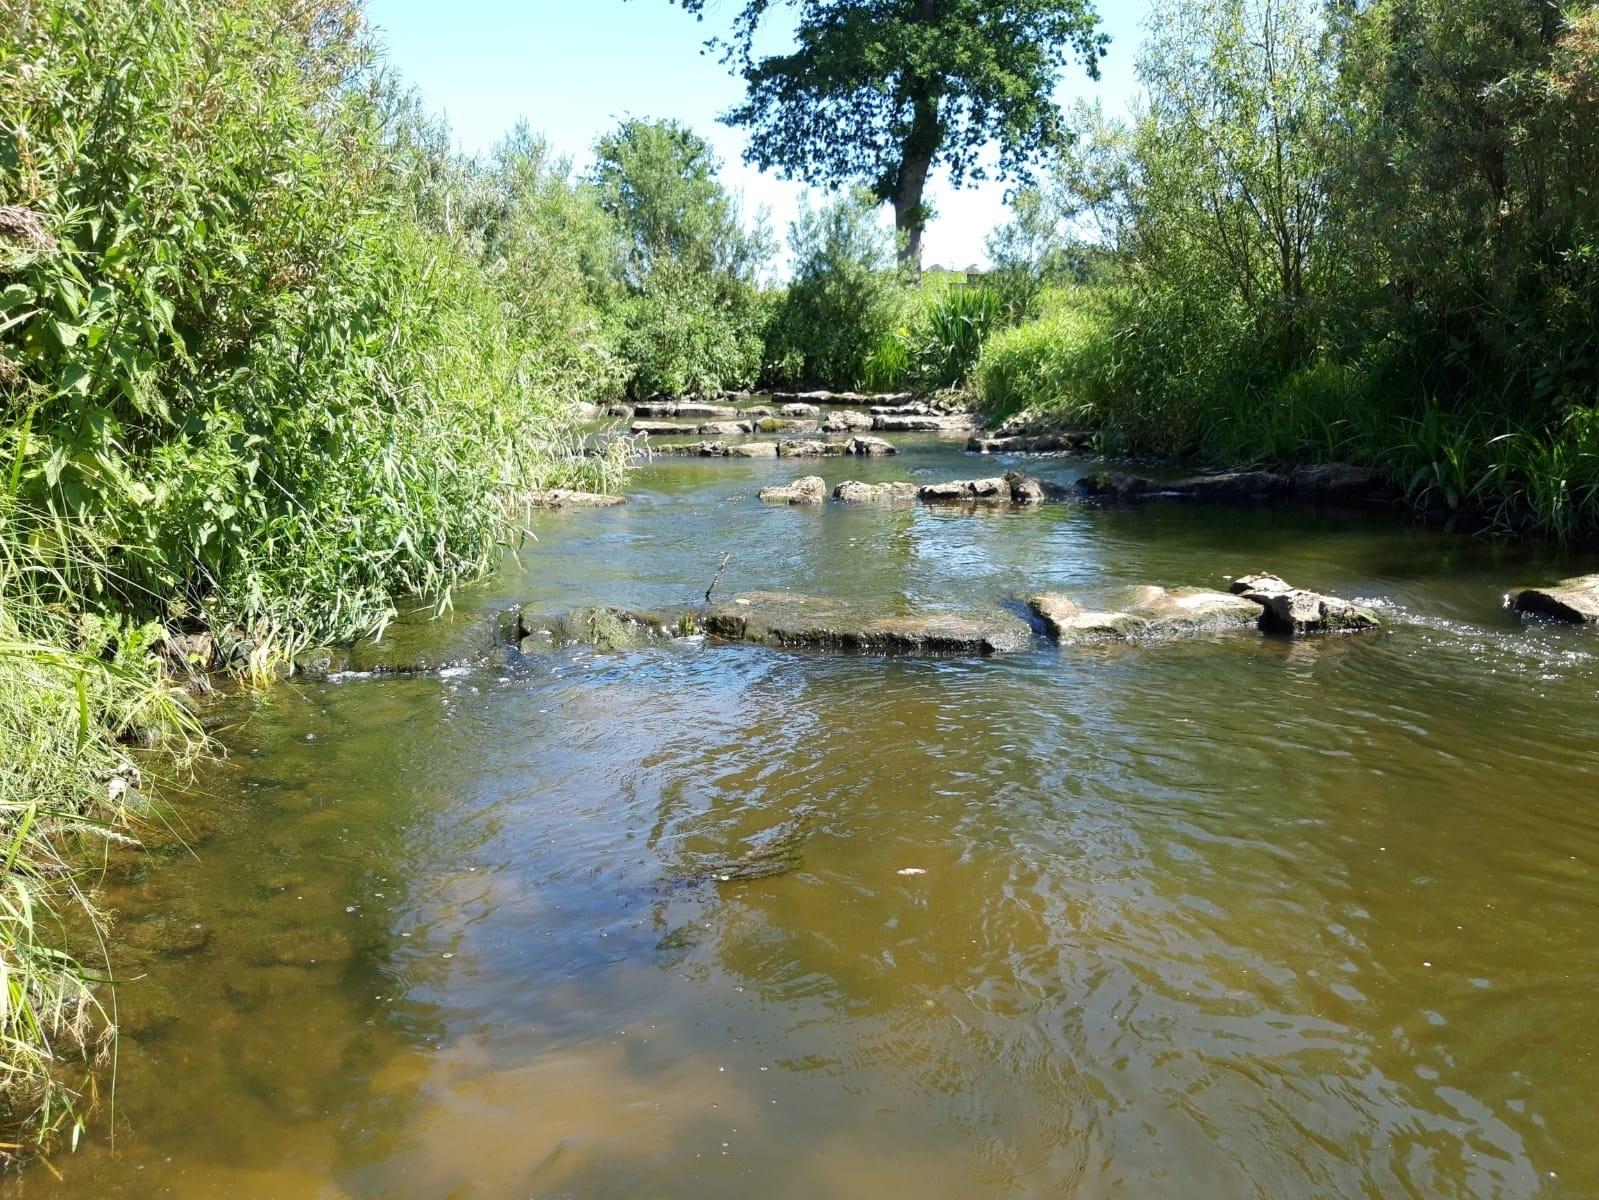 Die Steverumflut, ökologisch wertvoll. Der Aufwand hat sich für die Natur gelohnt.